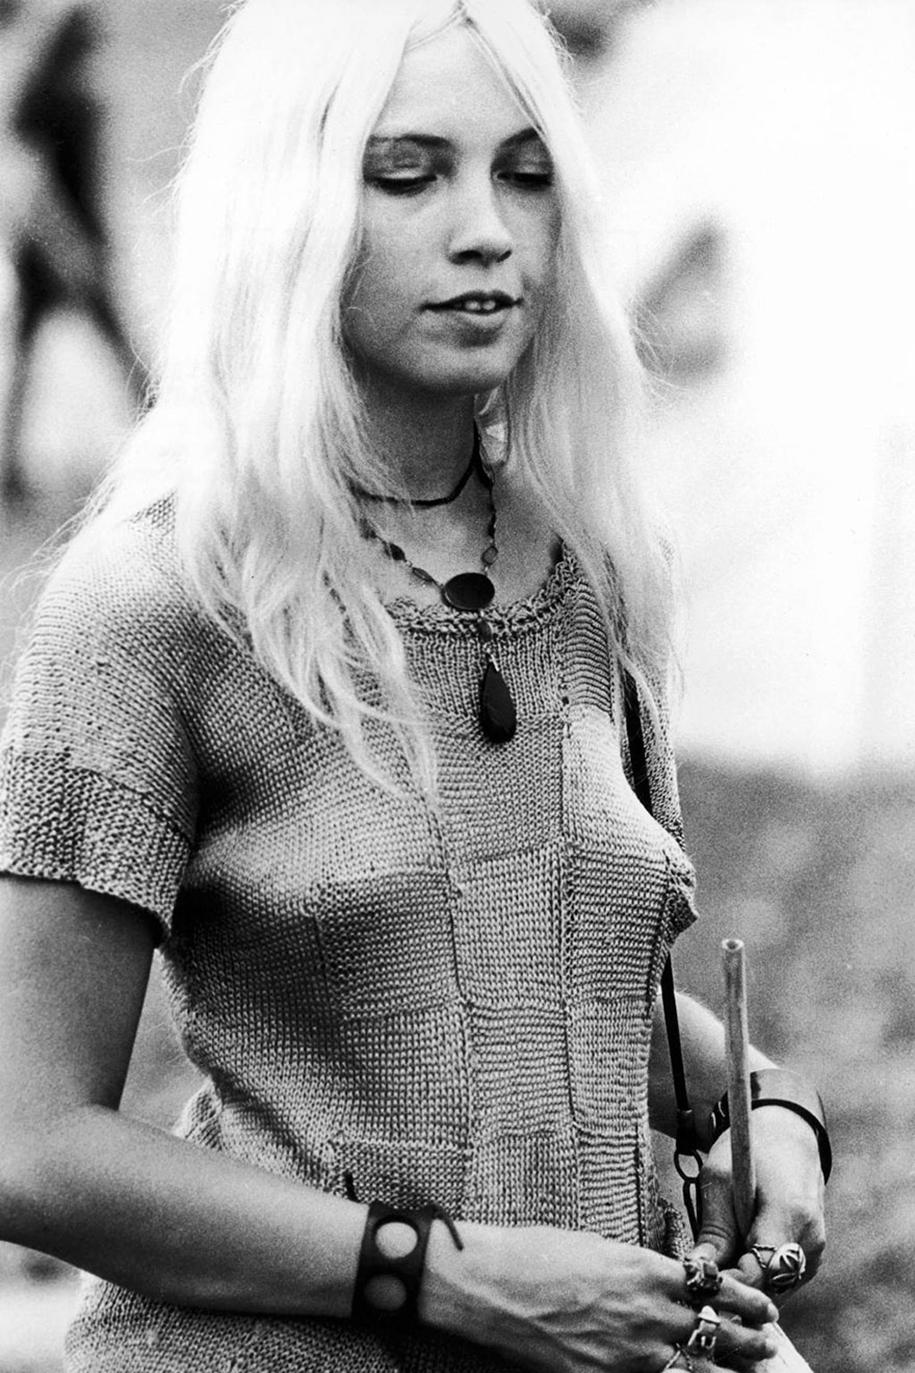 women-fashion-of-60s-woodstock-1969-8